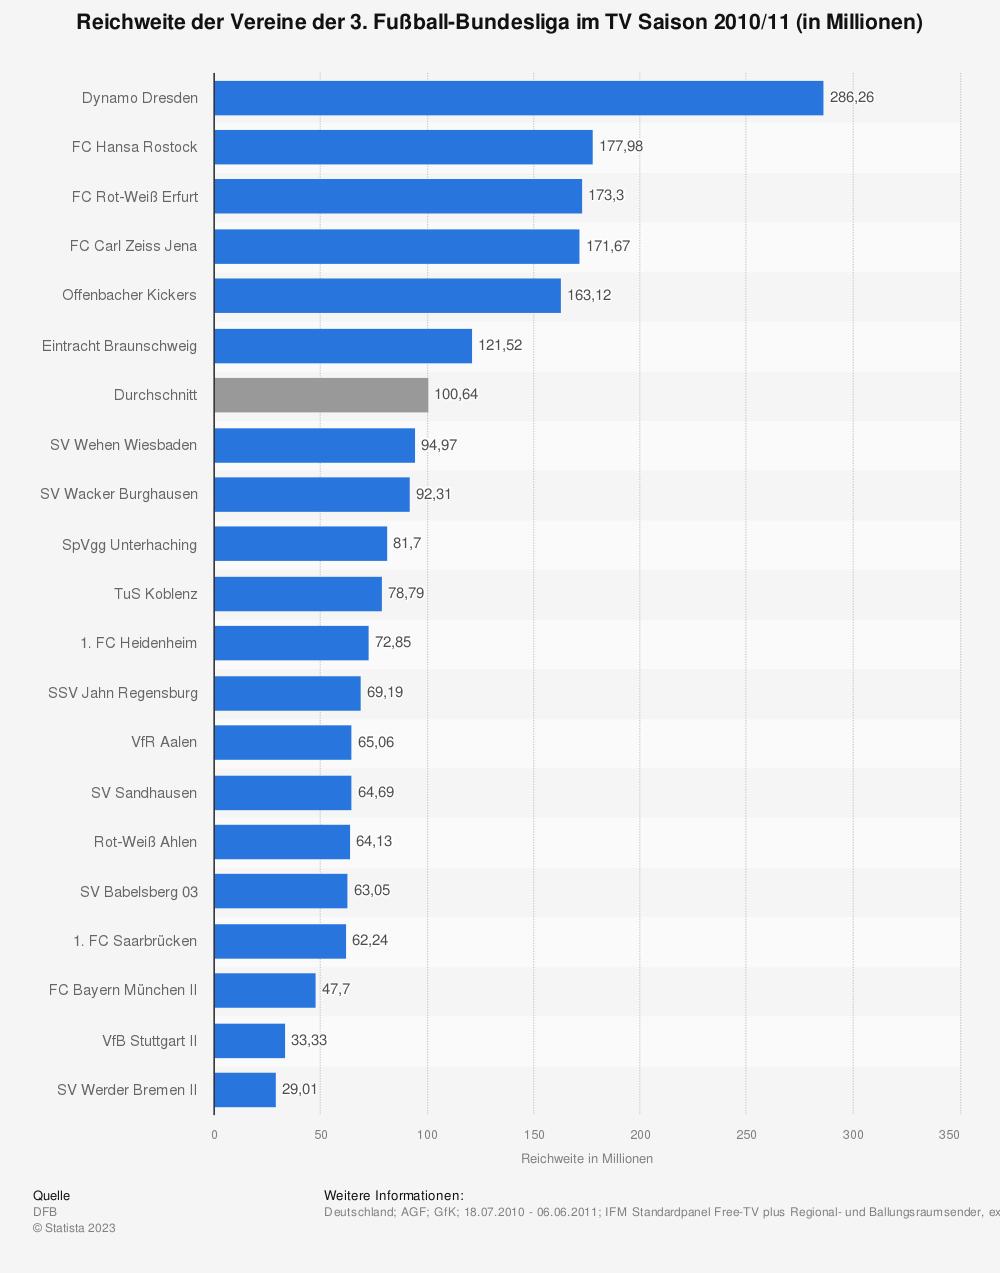 Statistik: Reichweite der Vereine der 3. Fußball-Bundesliga im TV Saison 2010/11 (in Millionen) | Statista